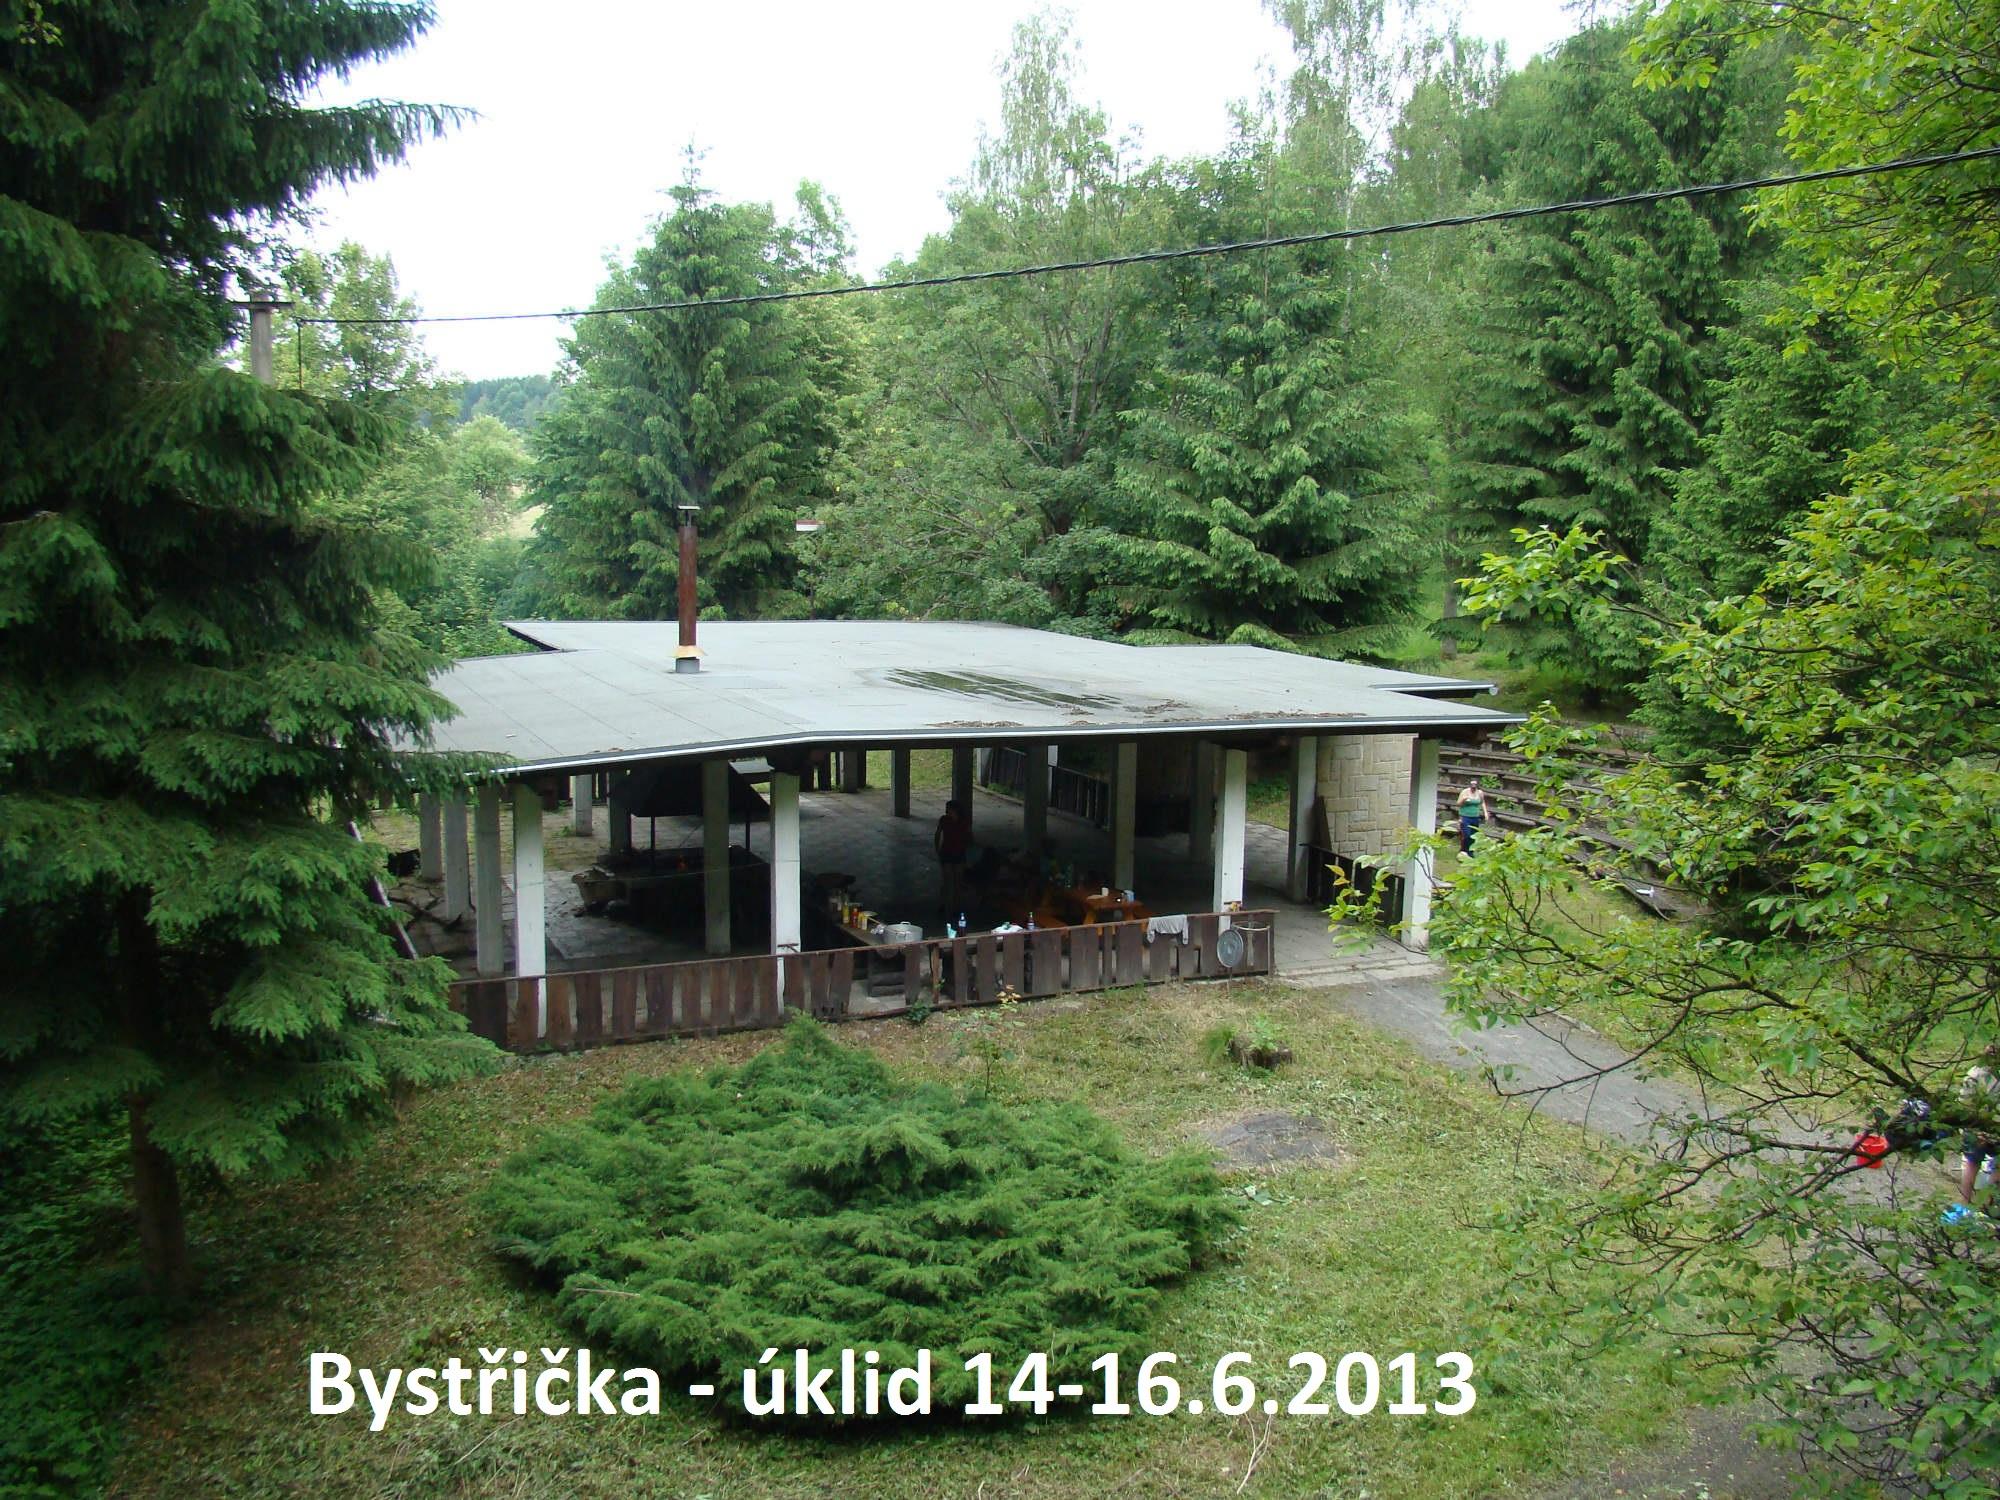 Bystricka_6.2013